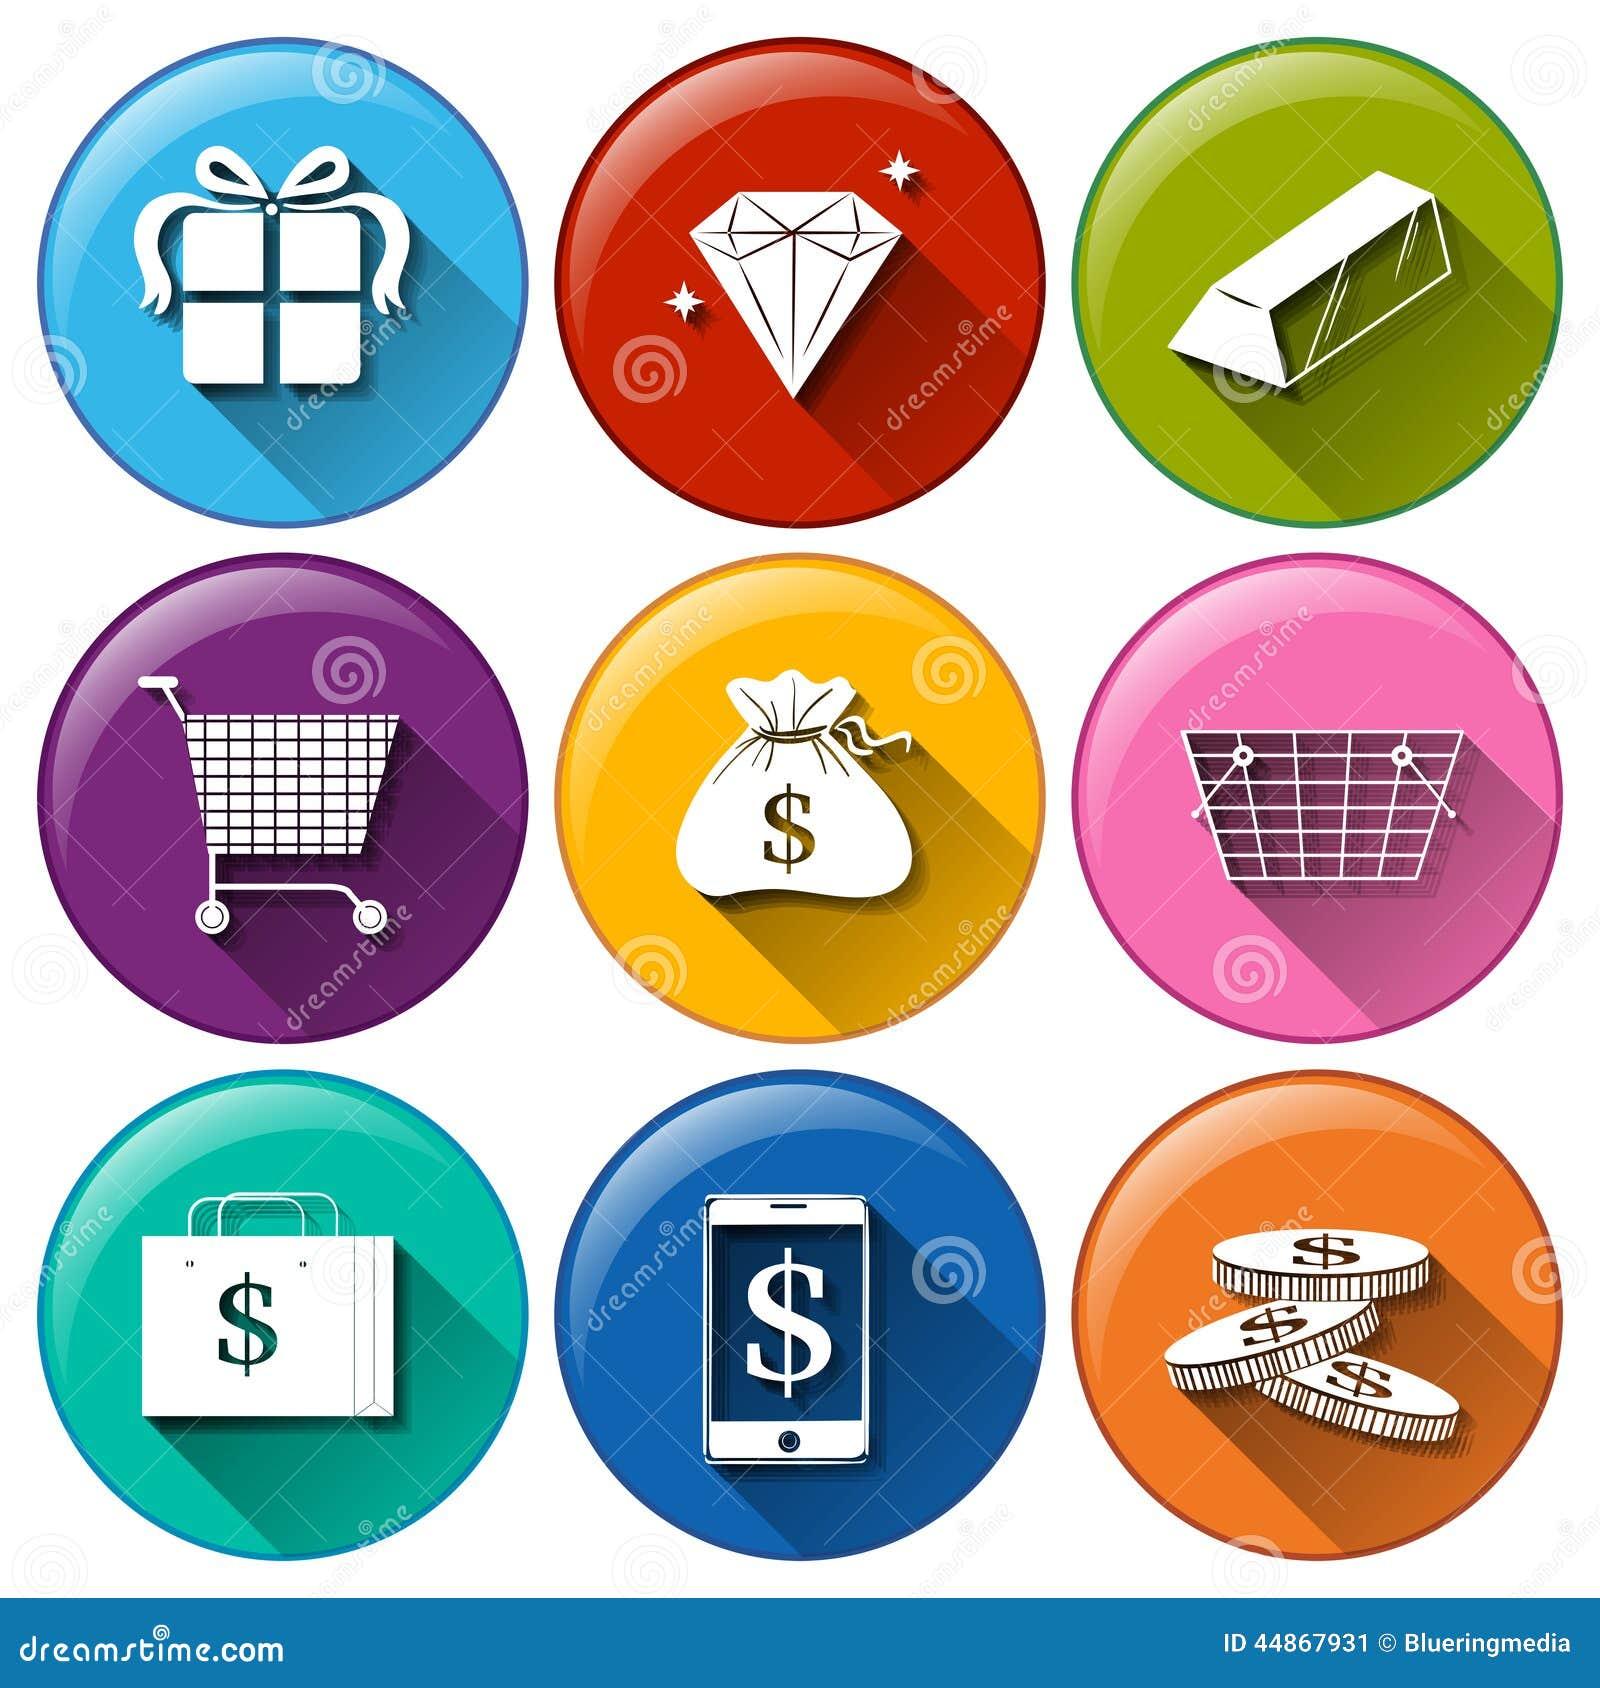 Iconos con valores econ micos grandes ilustraci n del - Marcos para fotos economicos ...